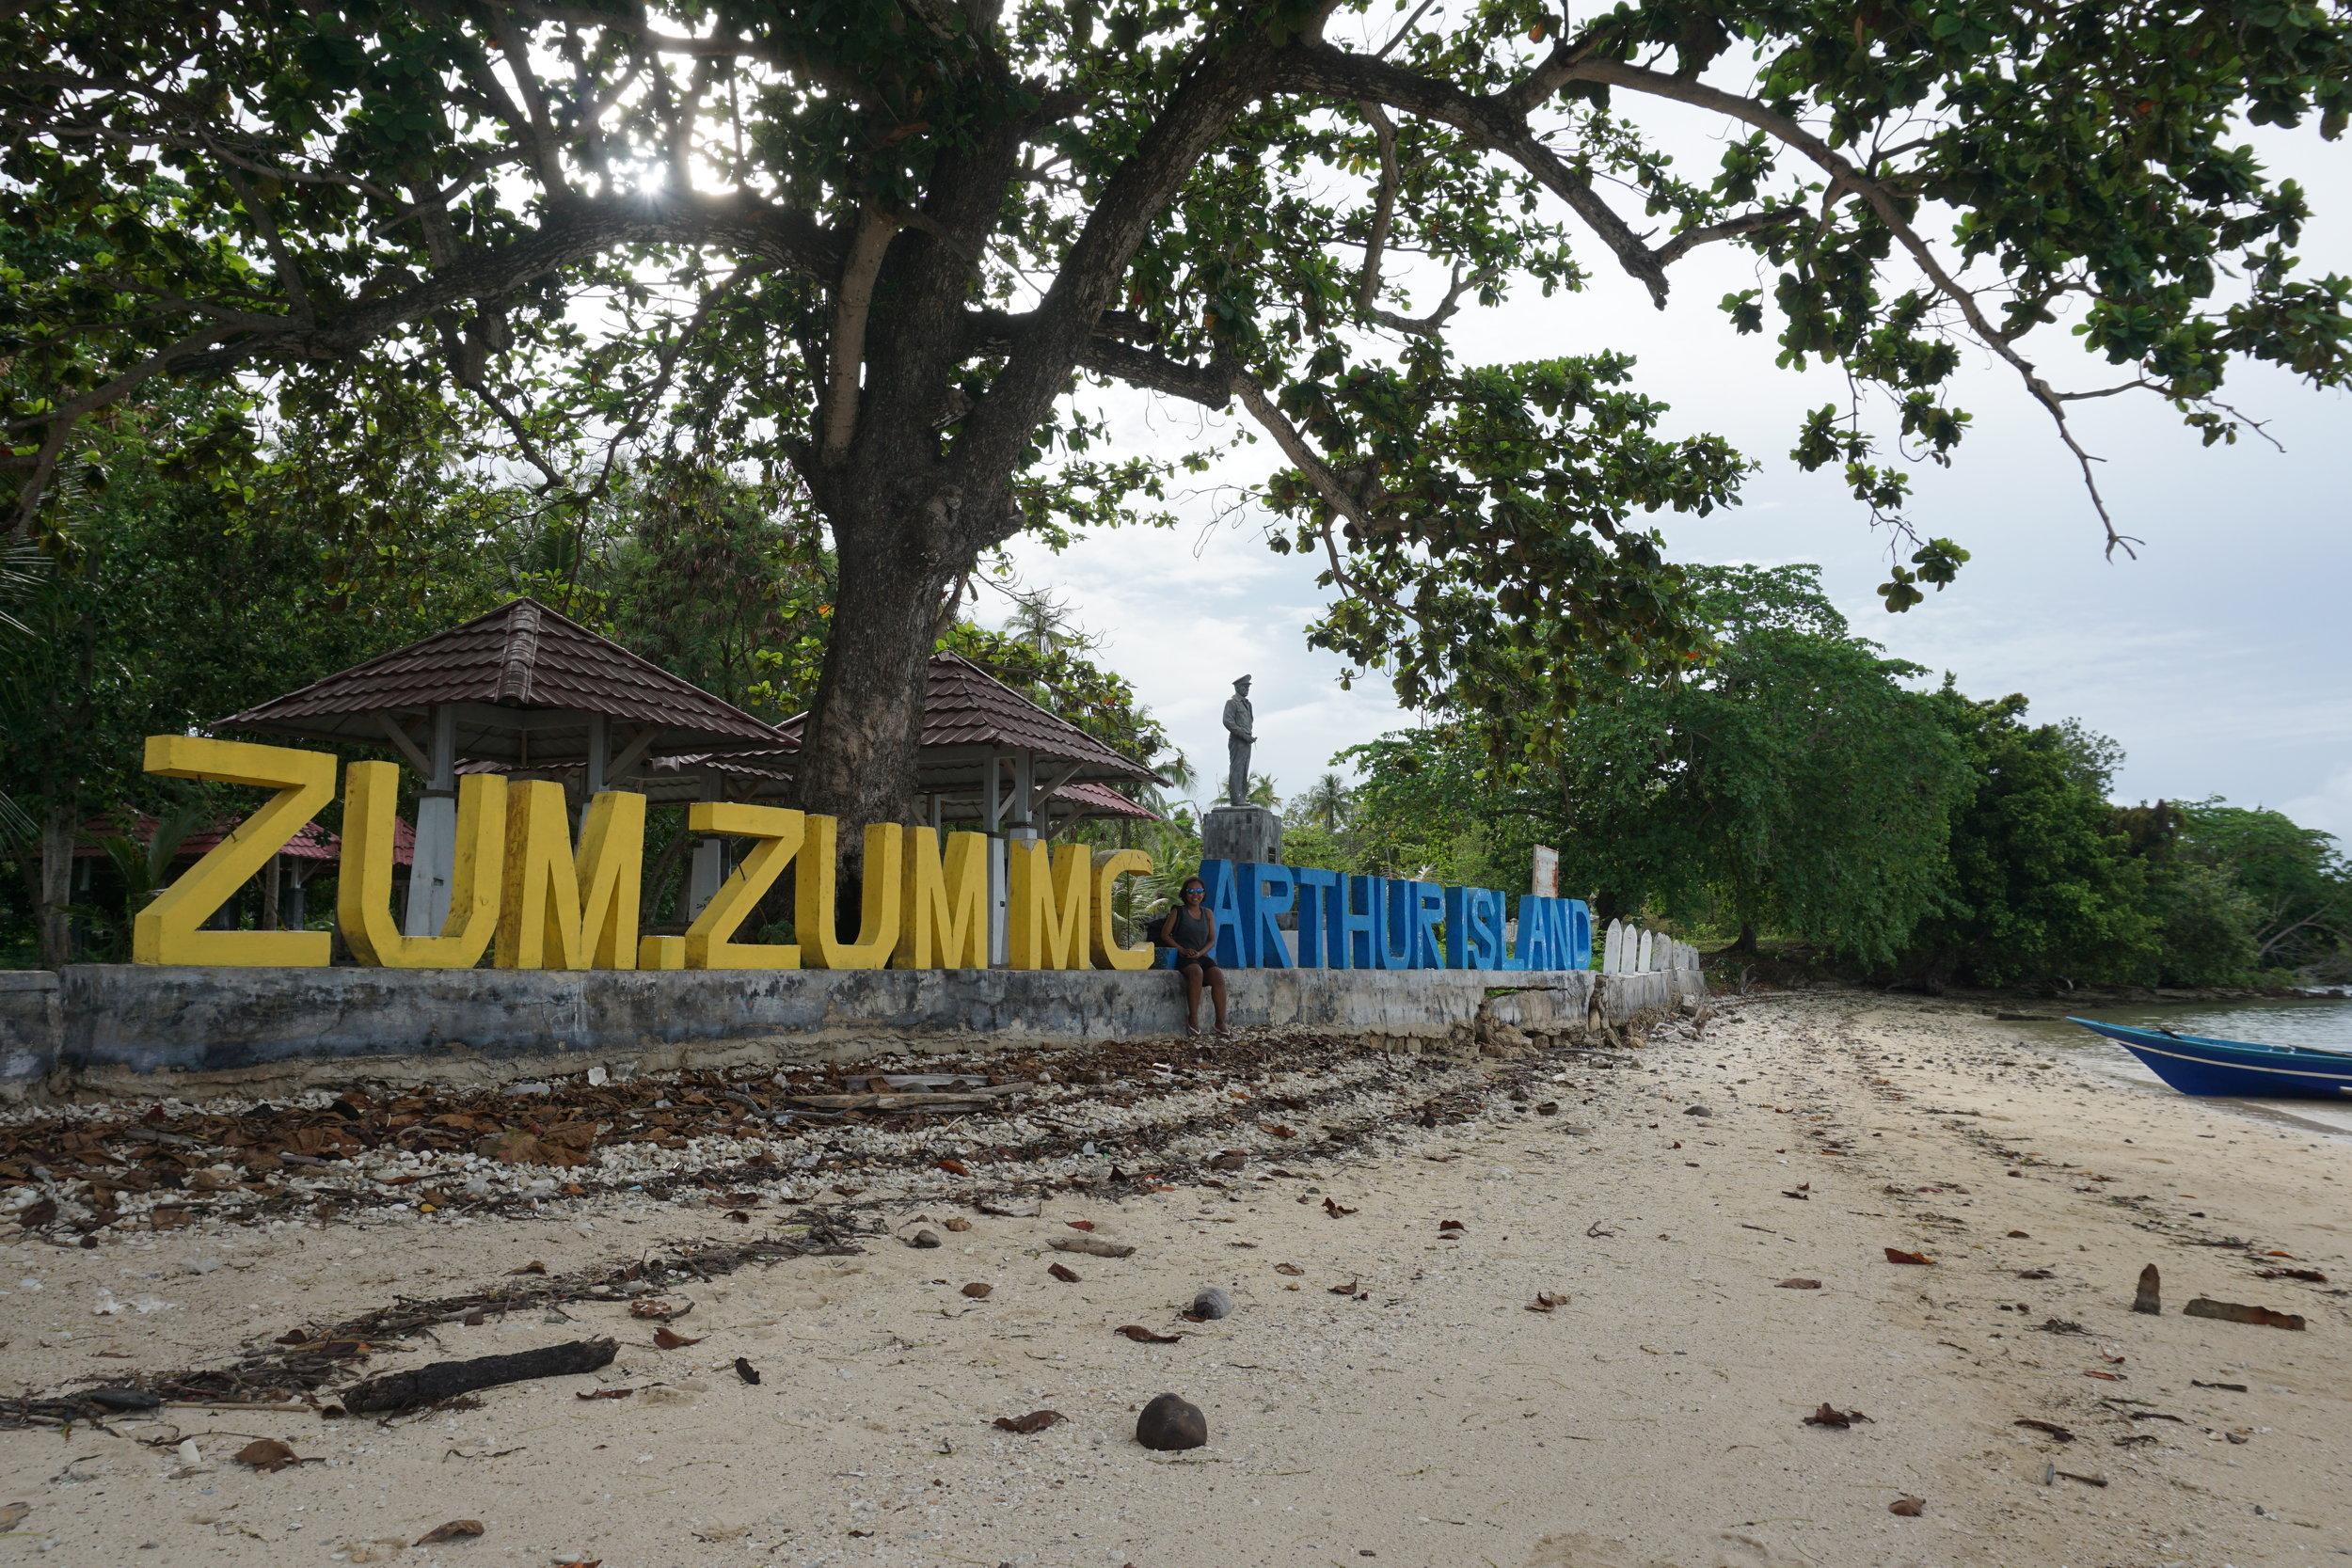 Zum Zum island - Mc Arthur island